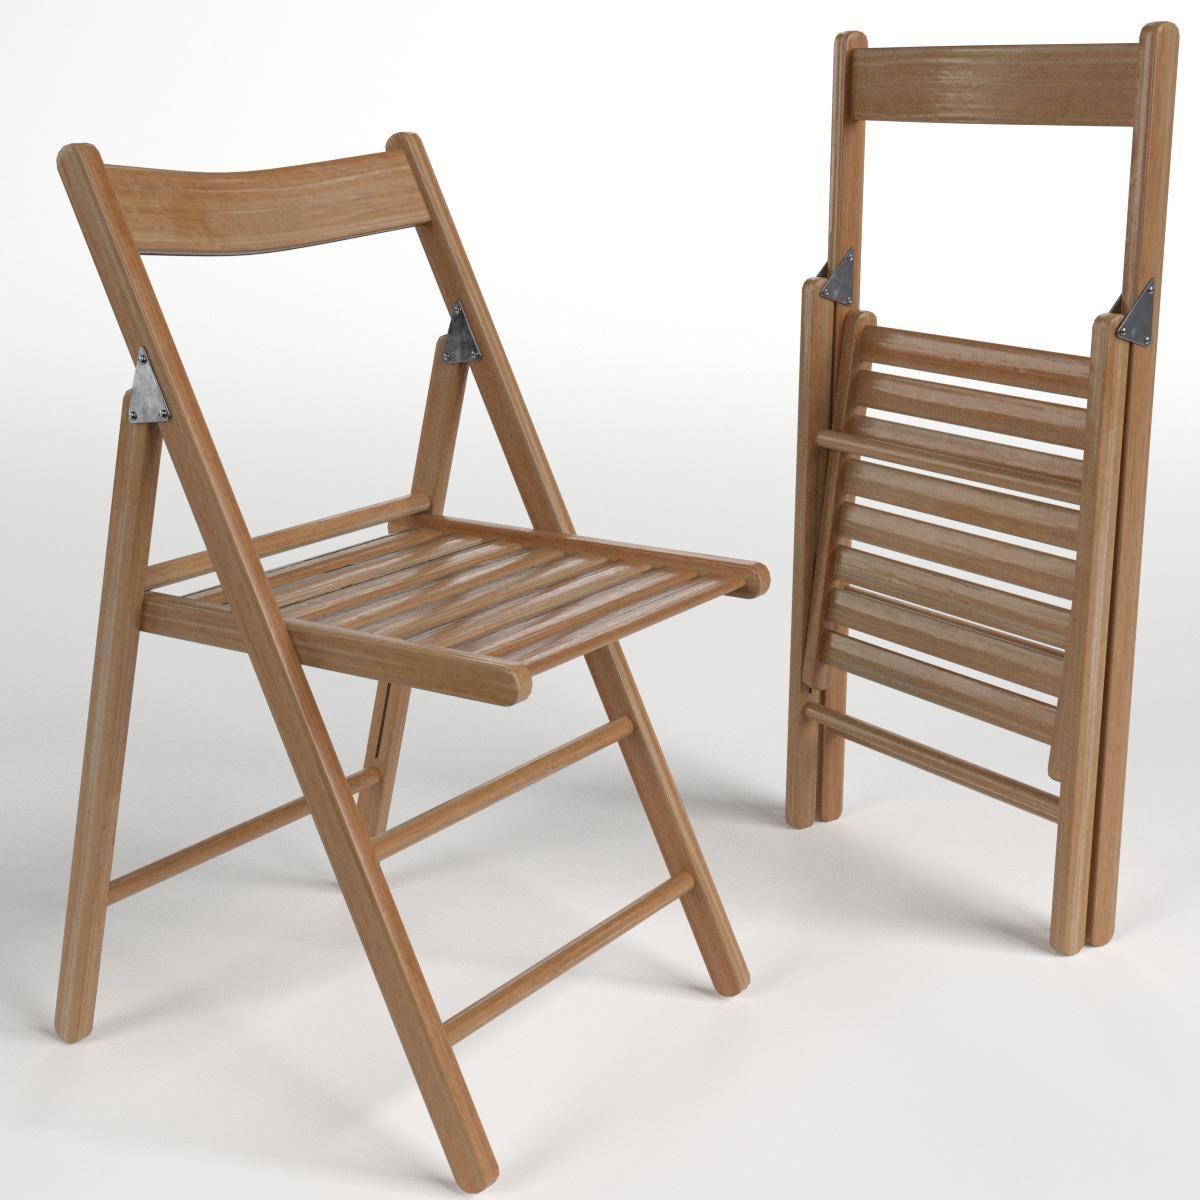 Full Size of Schwarz Metal Klapp Sthle Einfachen Stuhl Aus Holz Ausklappbaren Garten Loungemöbel Lounge Sofa Klappstuhl Set Möbel Günstig Sessel Wohnzimmer Lounge Klappstuhl